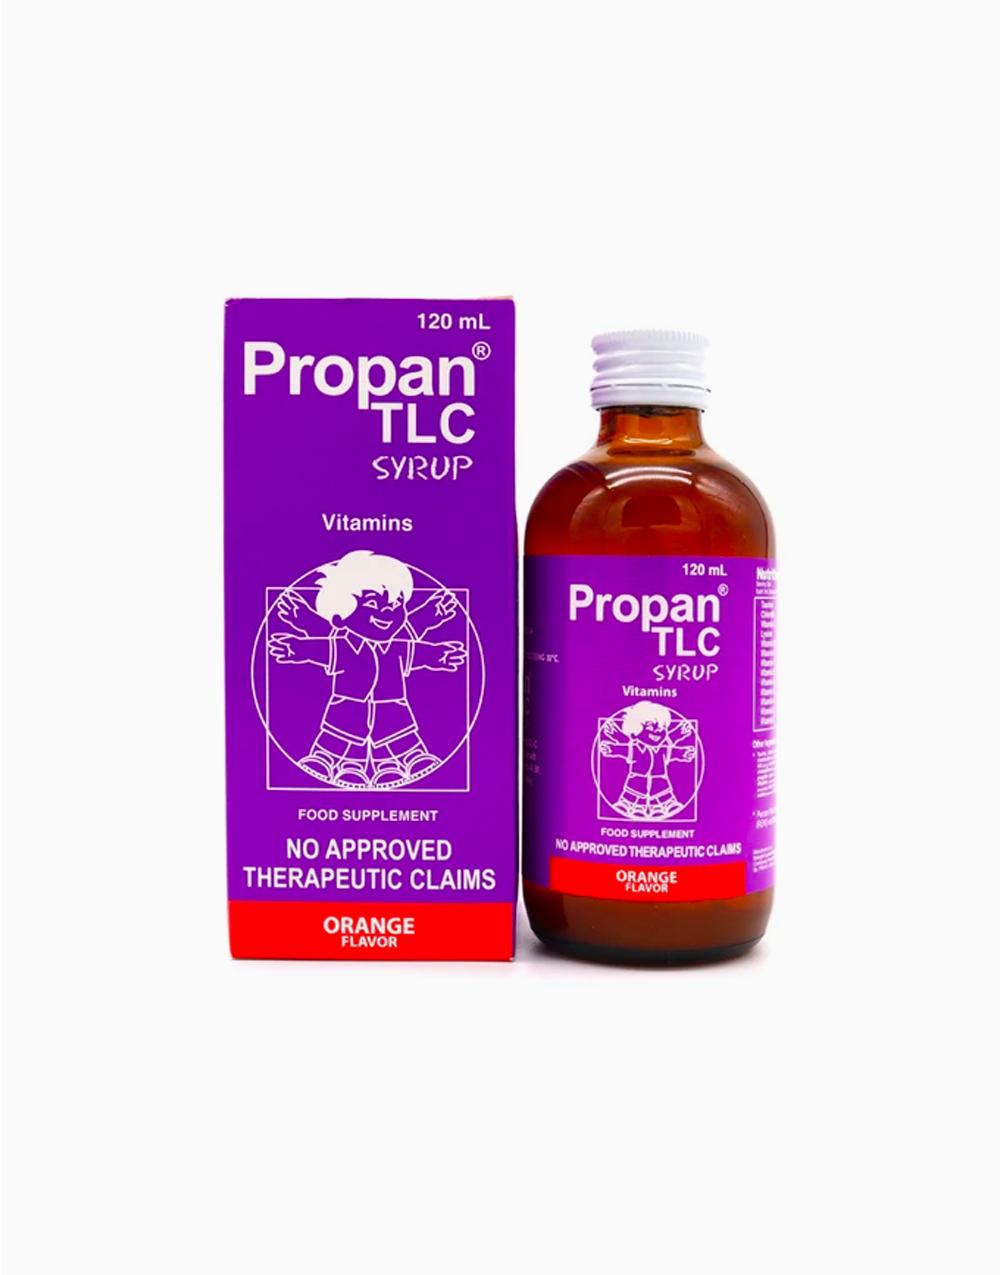 Propan TLC Syrup (120ml) by Propan TLC